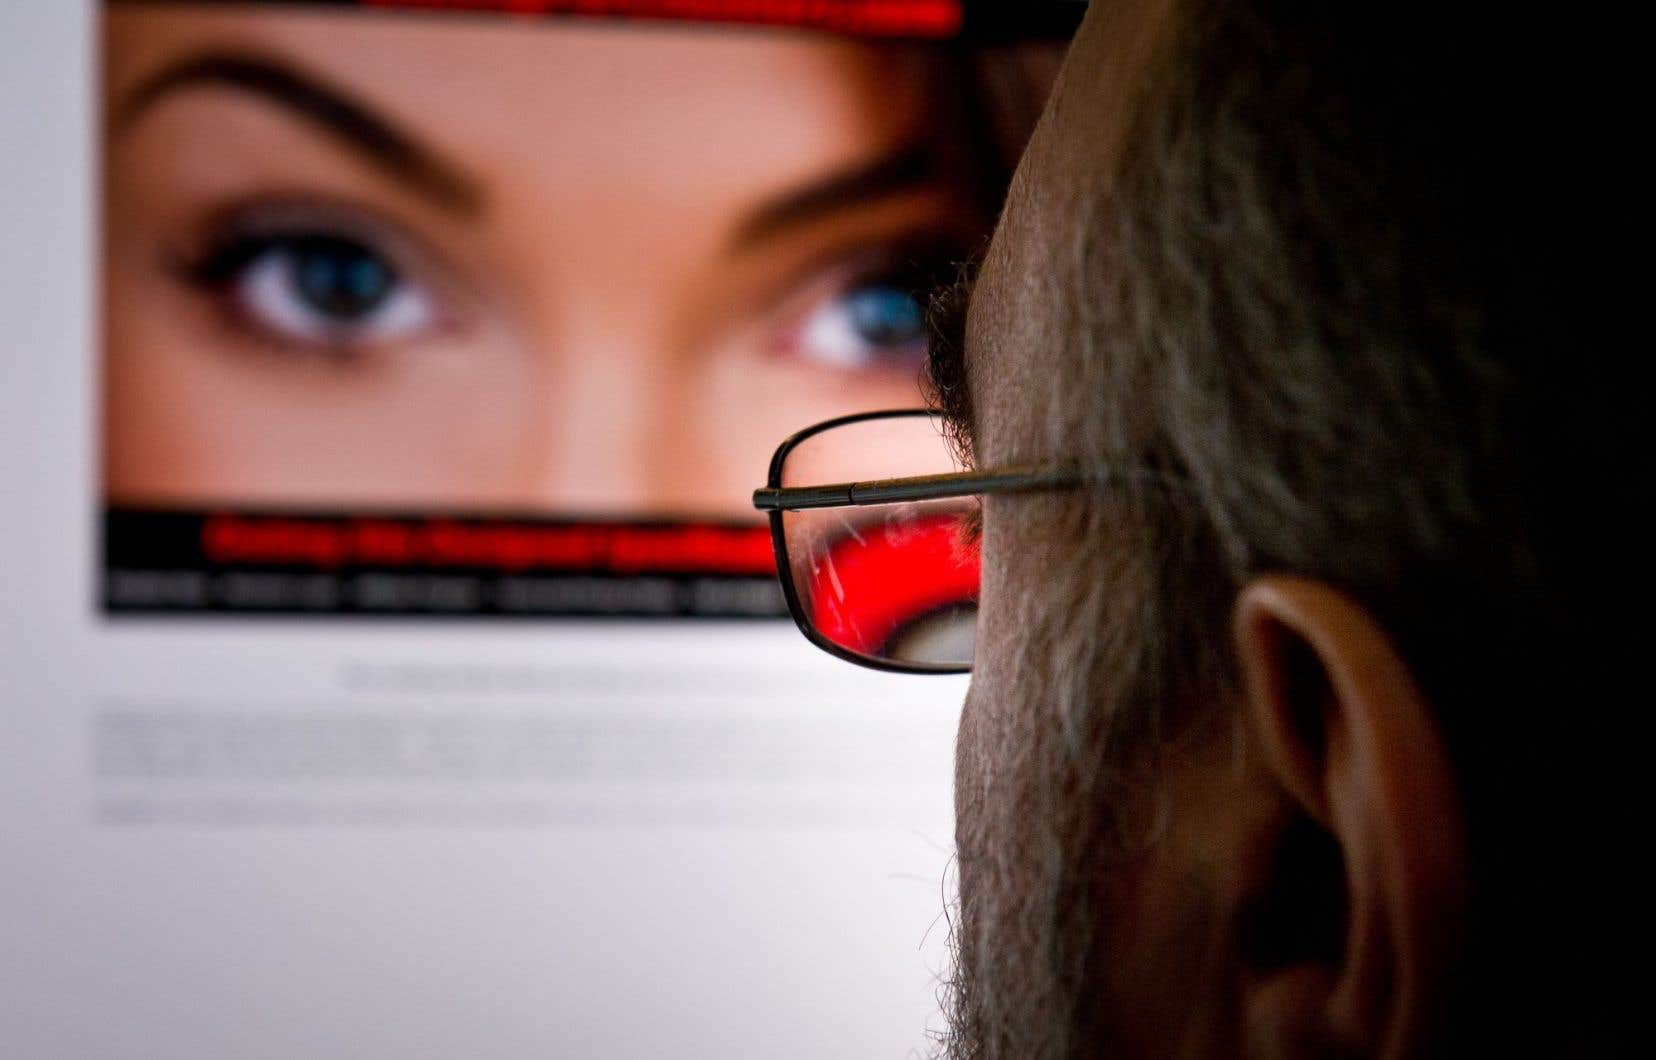 On estime que plus de 30 millions de personnes s'étaient inscrites sur le site canadien Ashley Madison ou sur le moins connu Established Men (EM), lui aussi visé par la fuite.